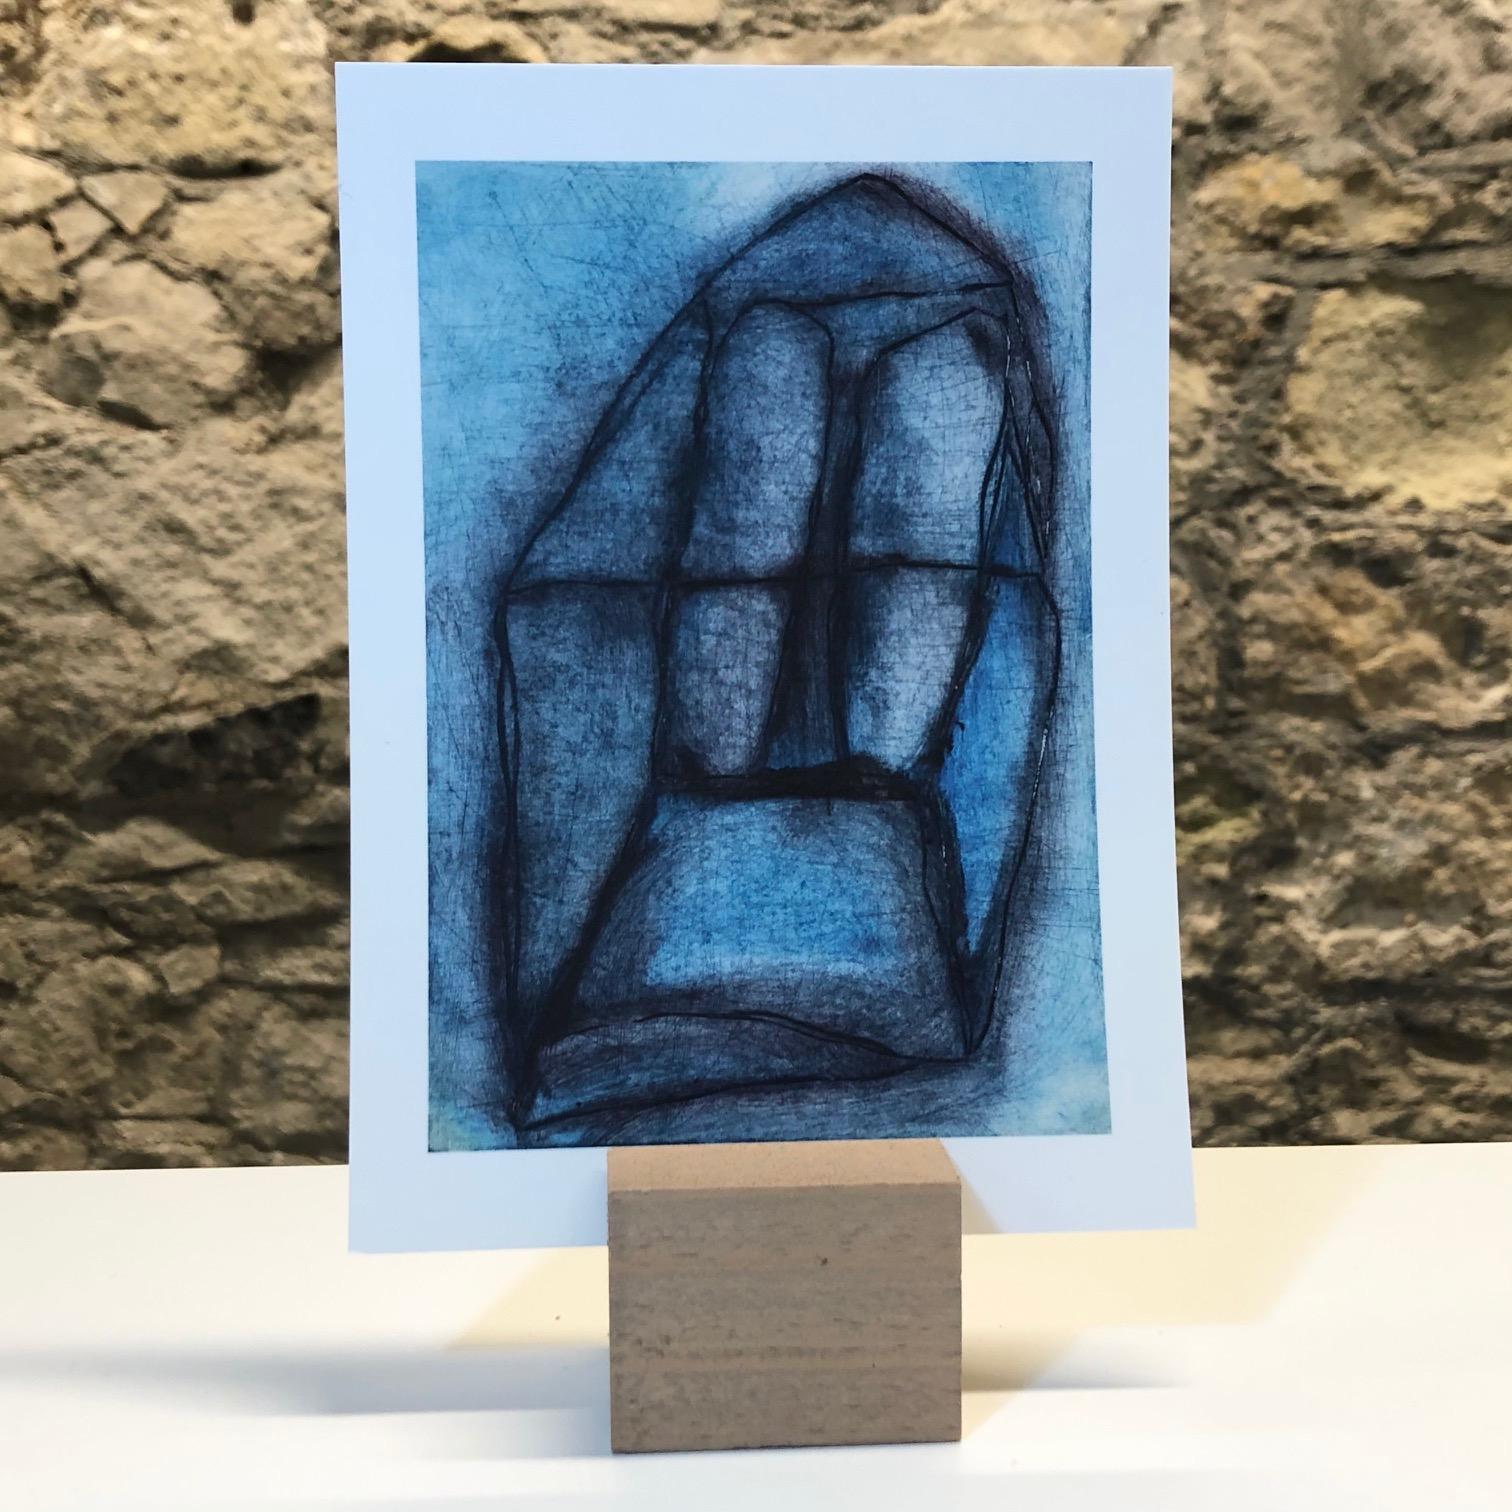 'Window' Hand-printed Postcard by Deborah Gearing